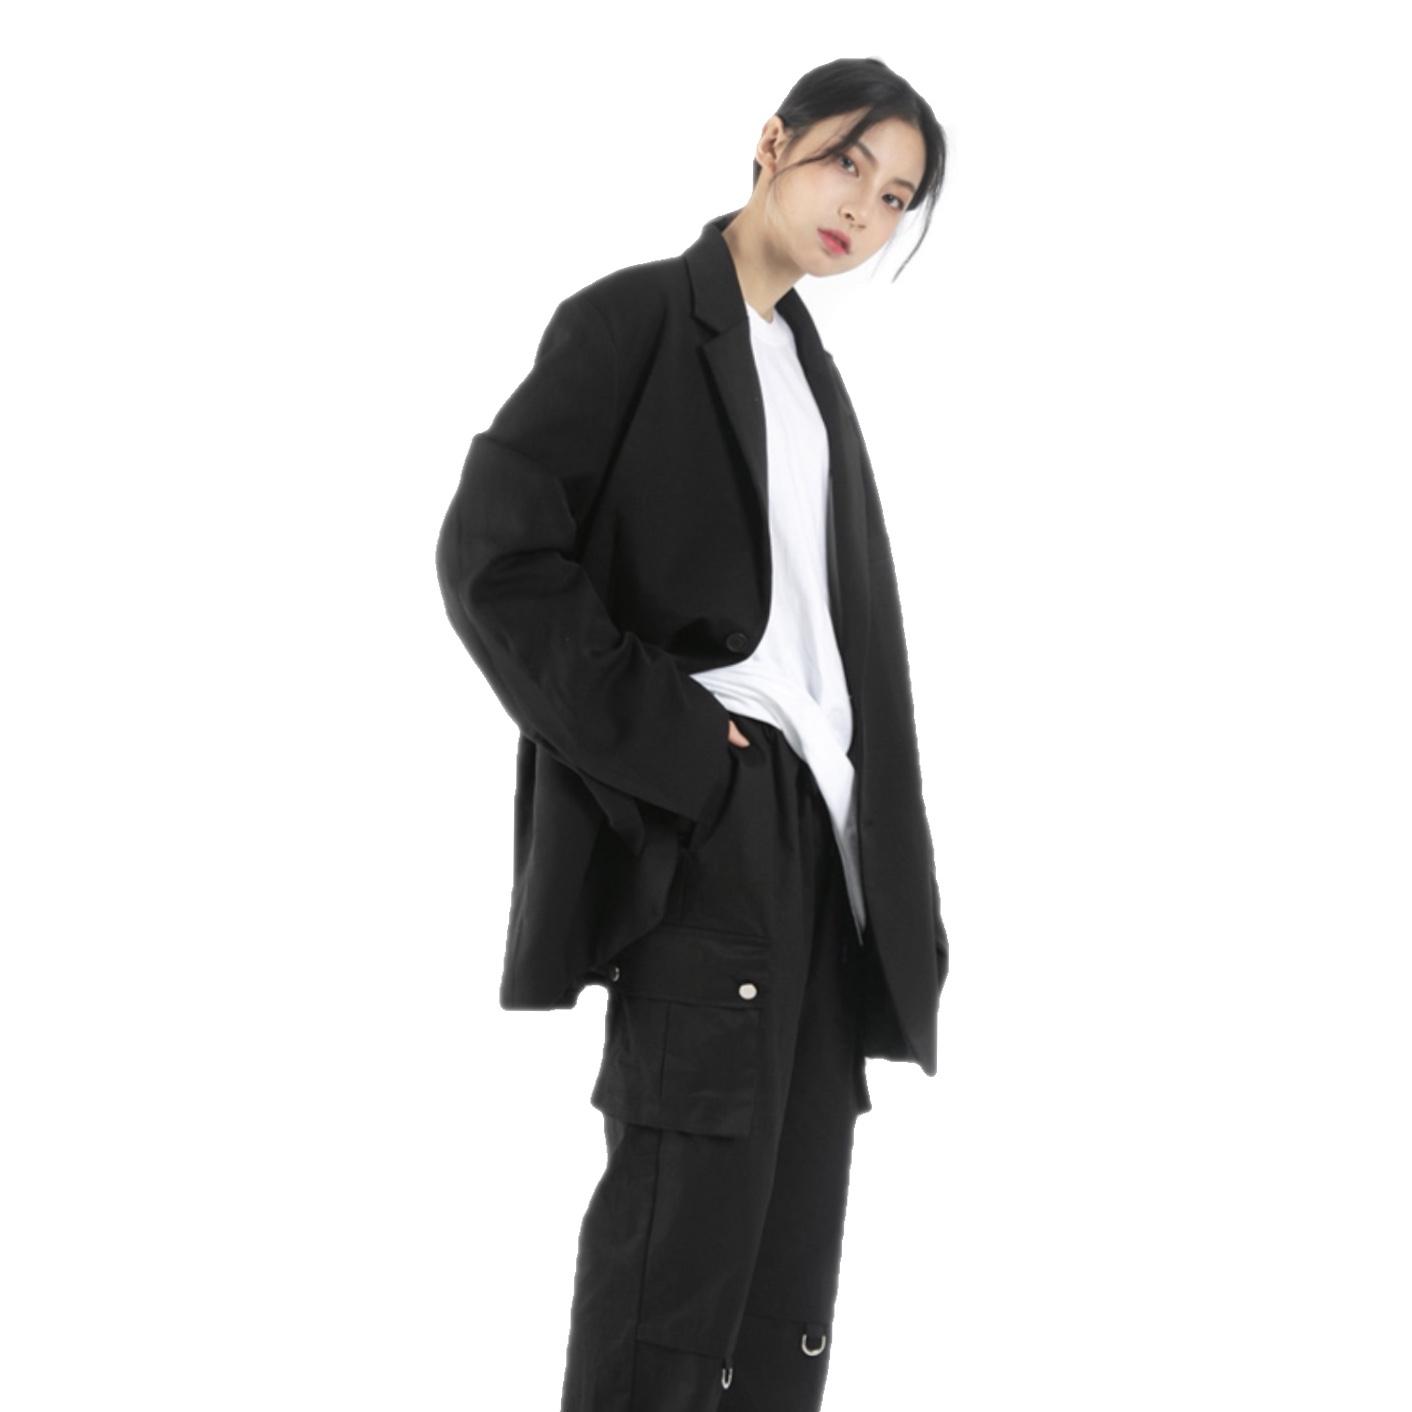 西装男 【313 Select】韩国自制Raucohouse街头百搭纯色西装外套男女款_推荐淘宝好看的西装男